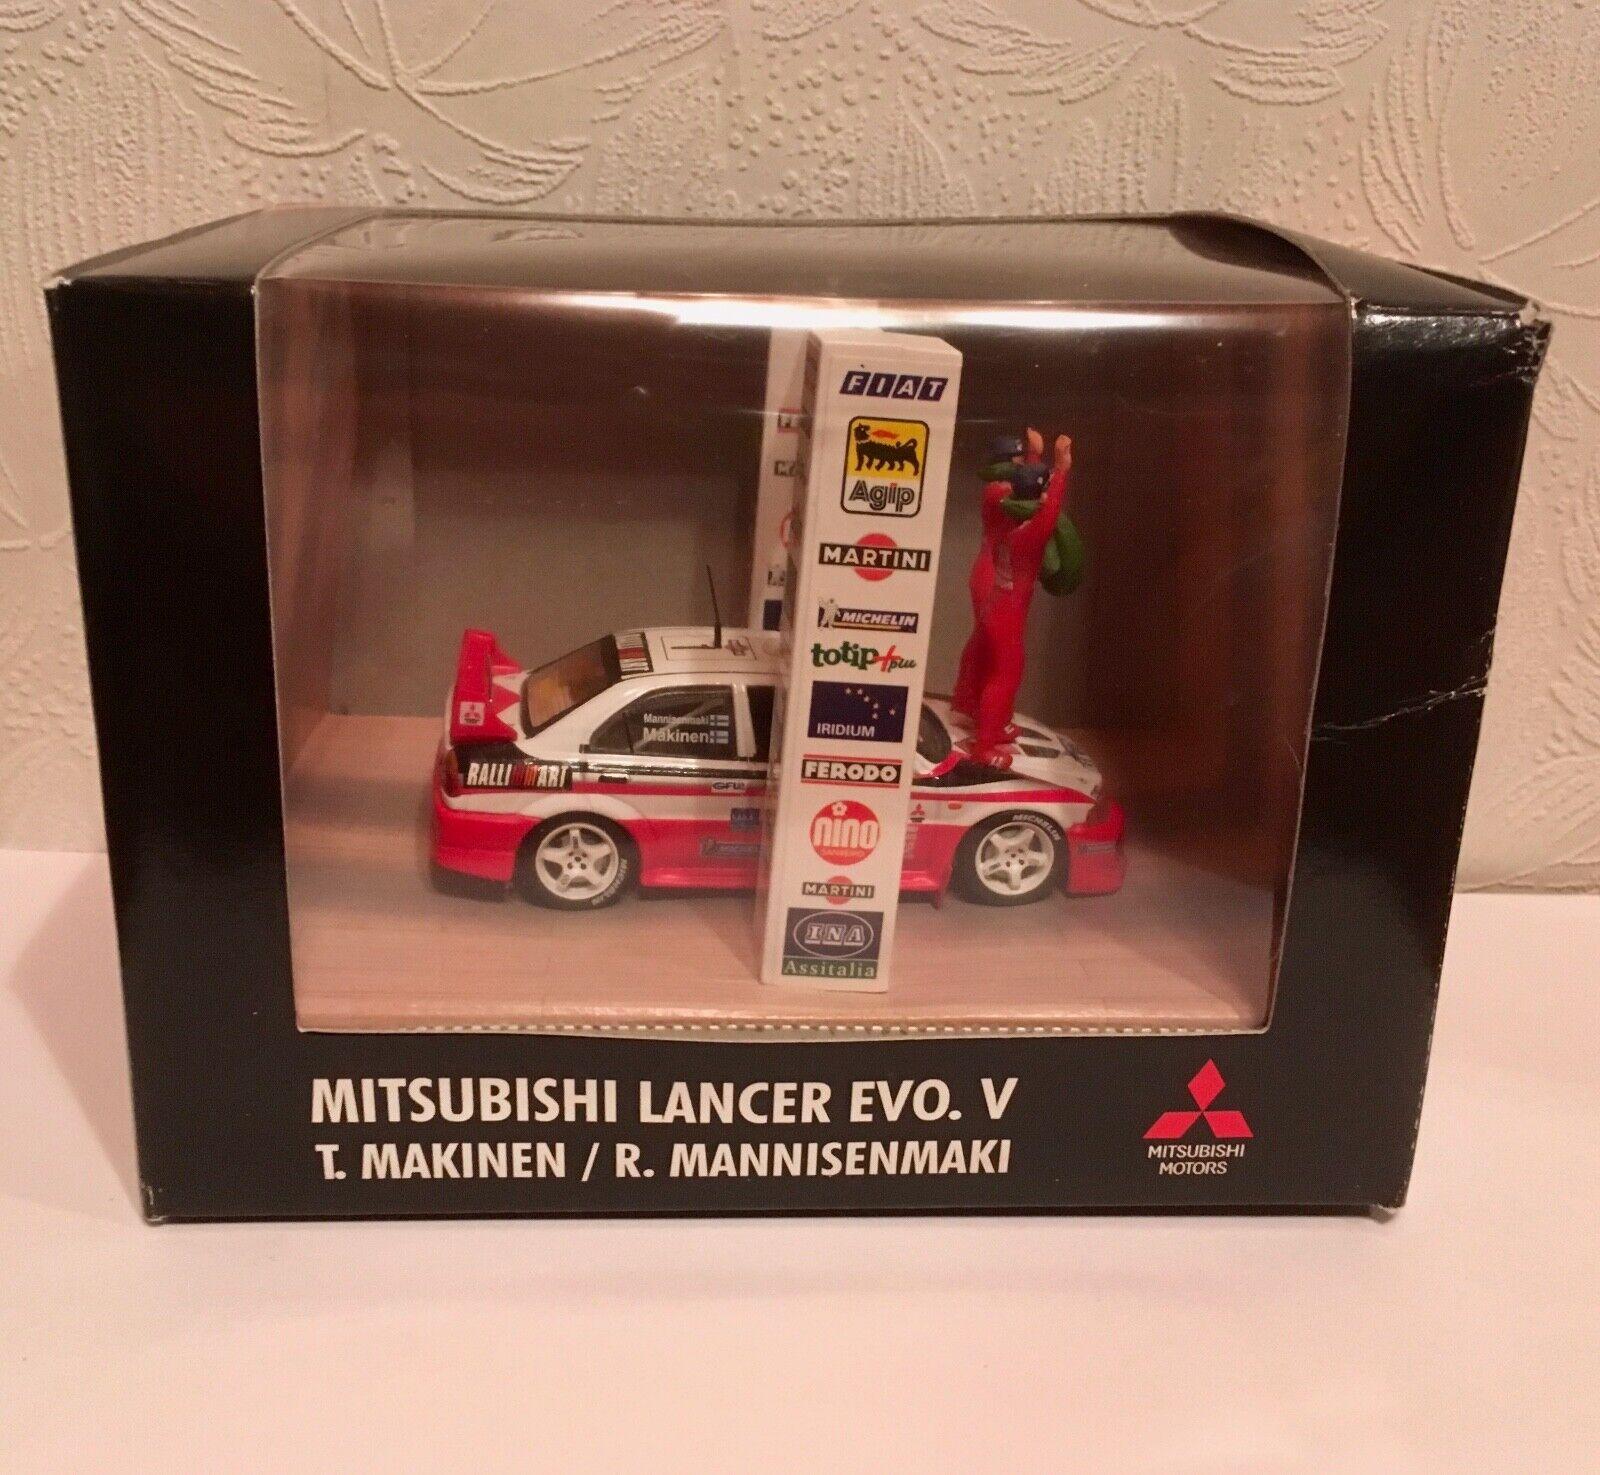 1 43 Mitsubishi Lancer Evo V (T. Makinen uomonisenmaki R.) World Rtuttiy Champion'98